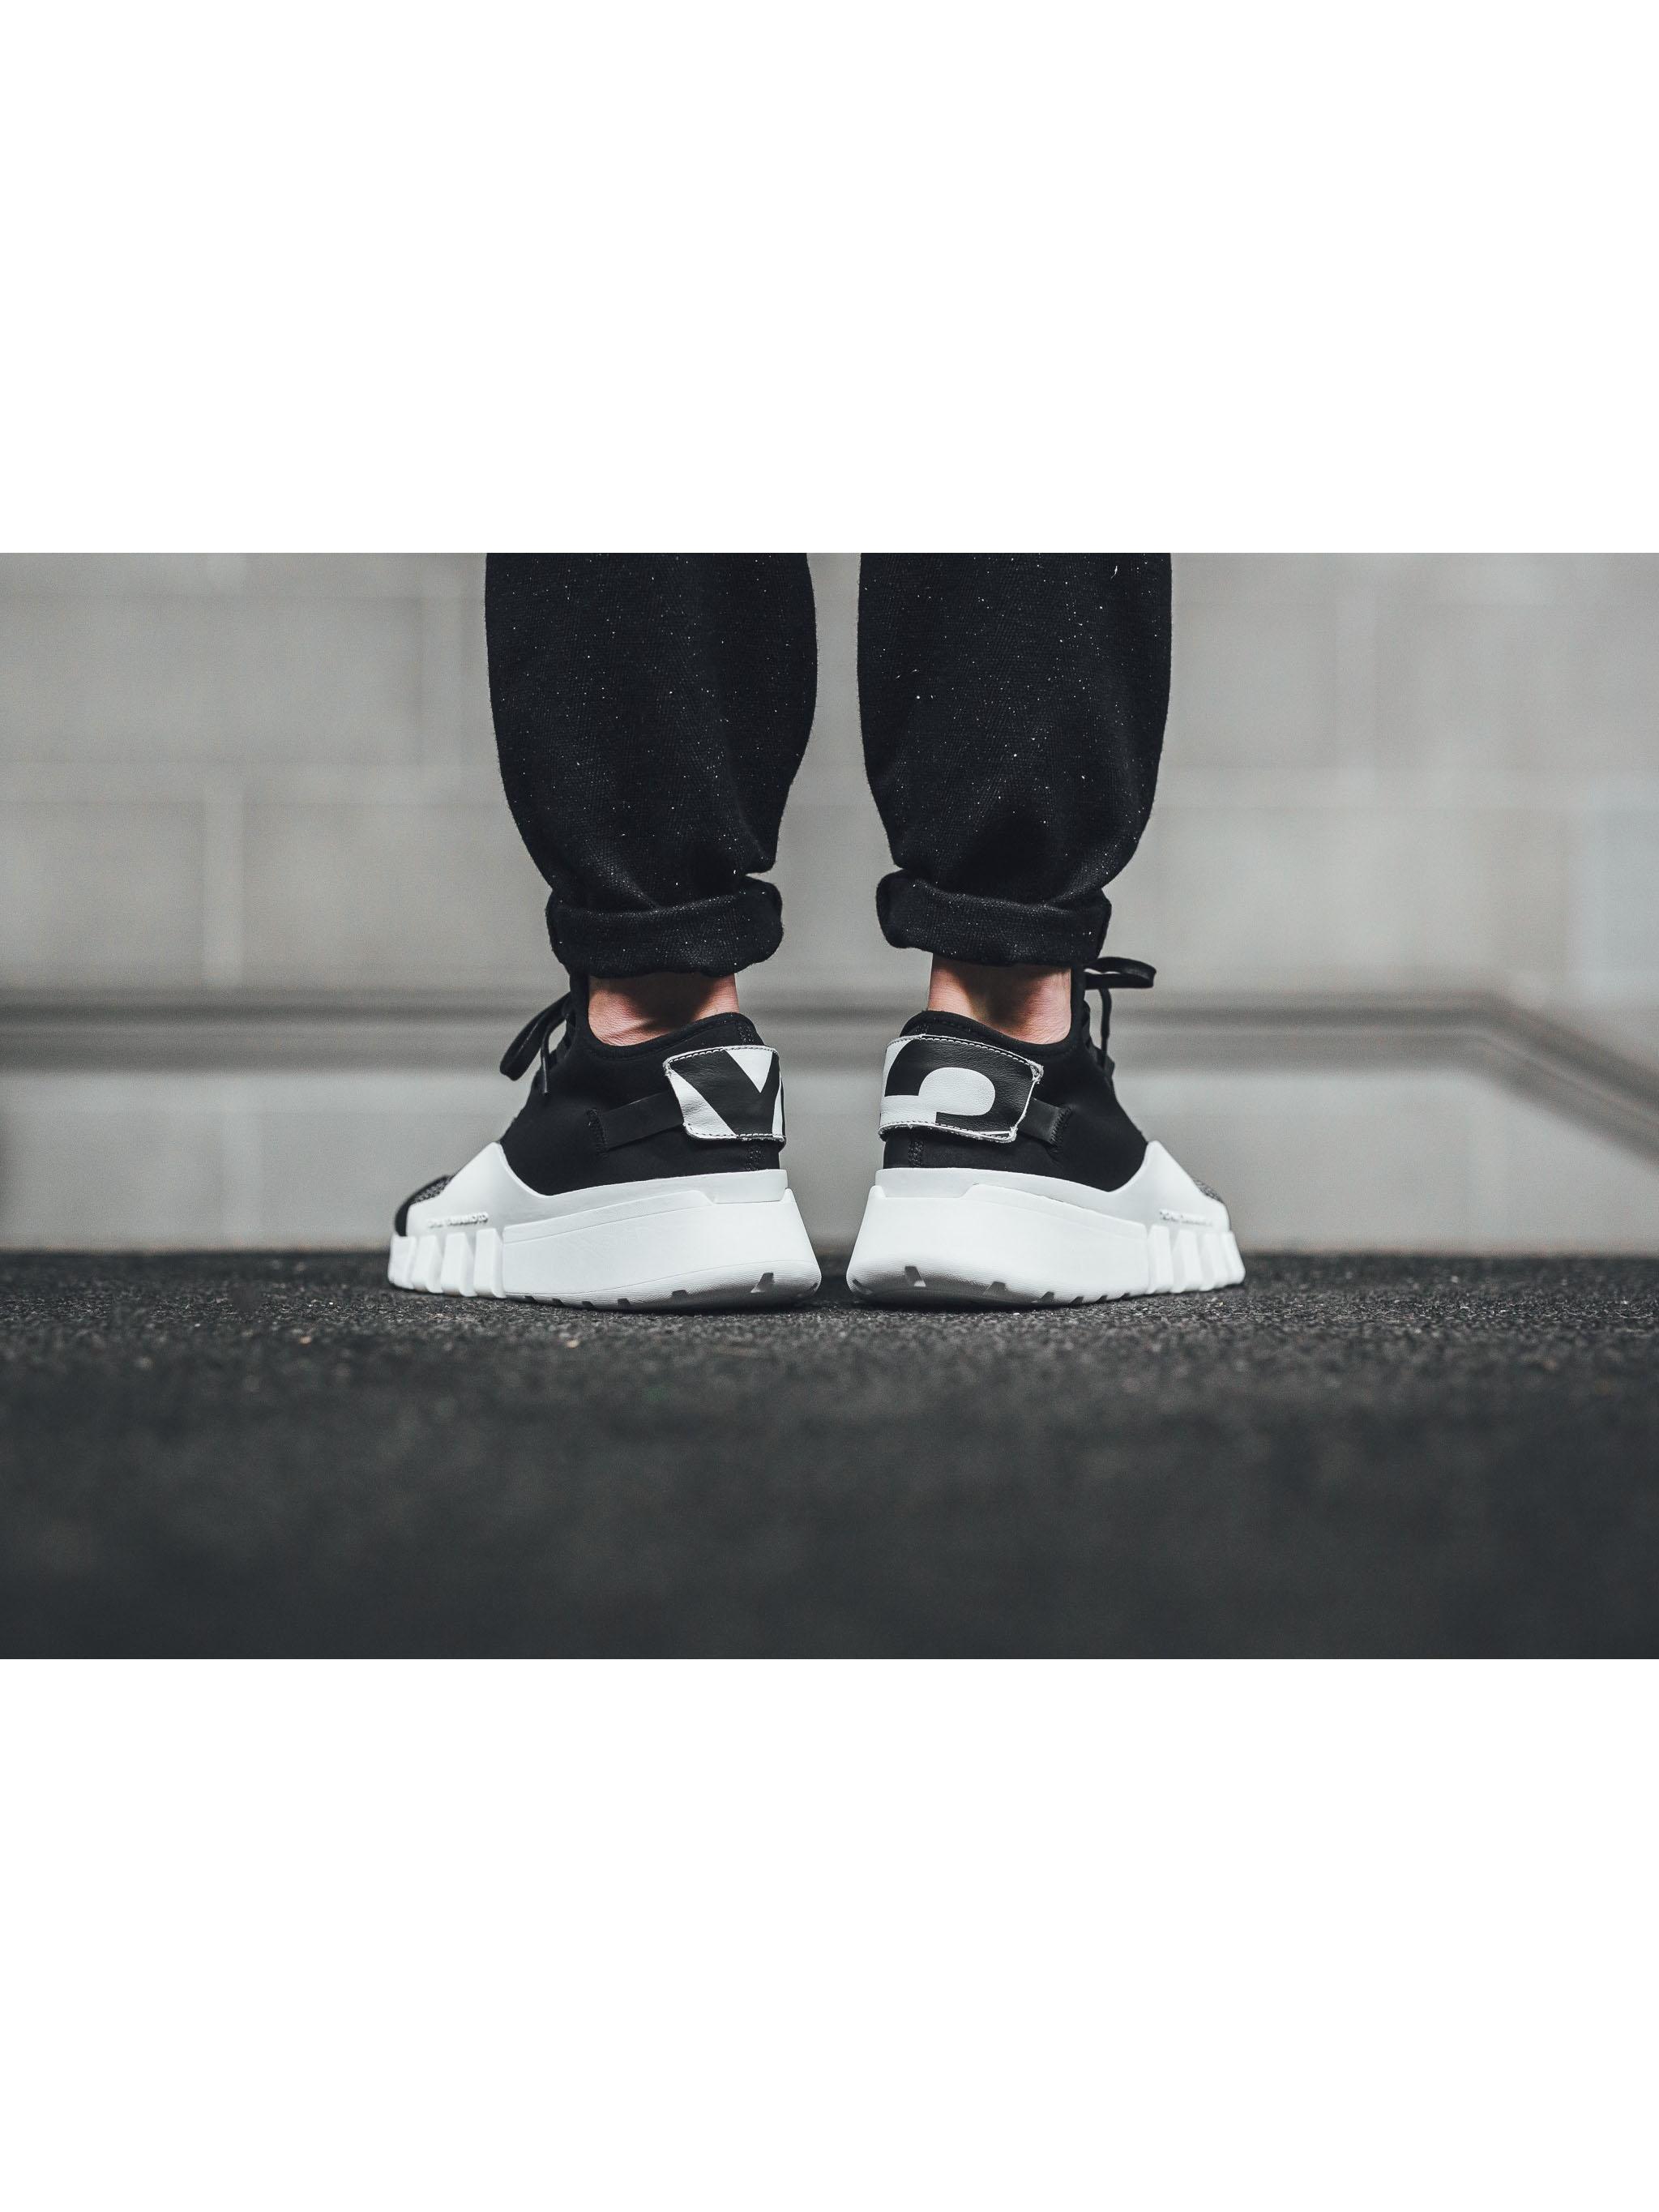 Louise PARIS Adidas y 3 en blanco y negro de neopreno y malla Ayero